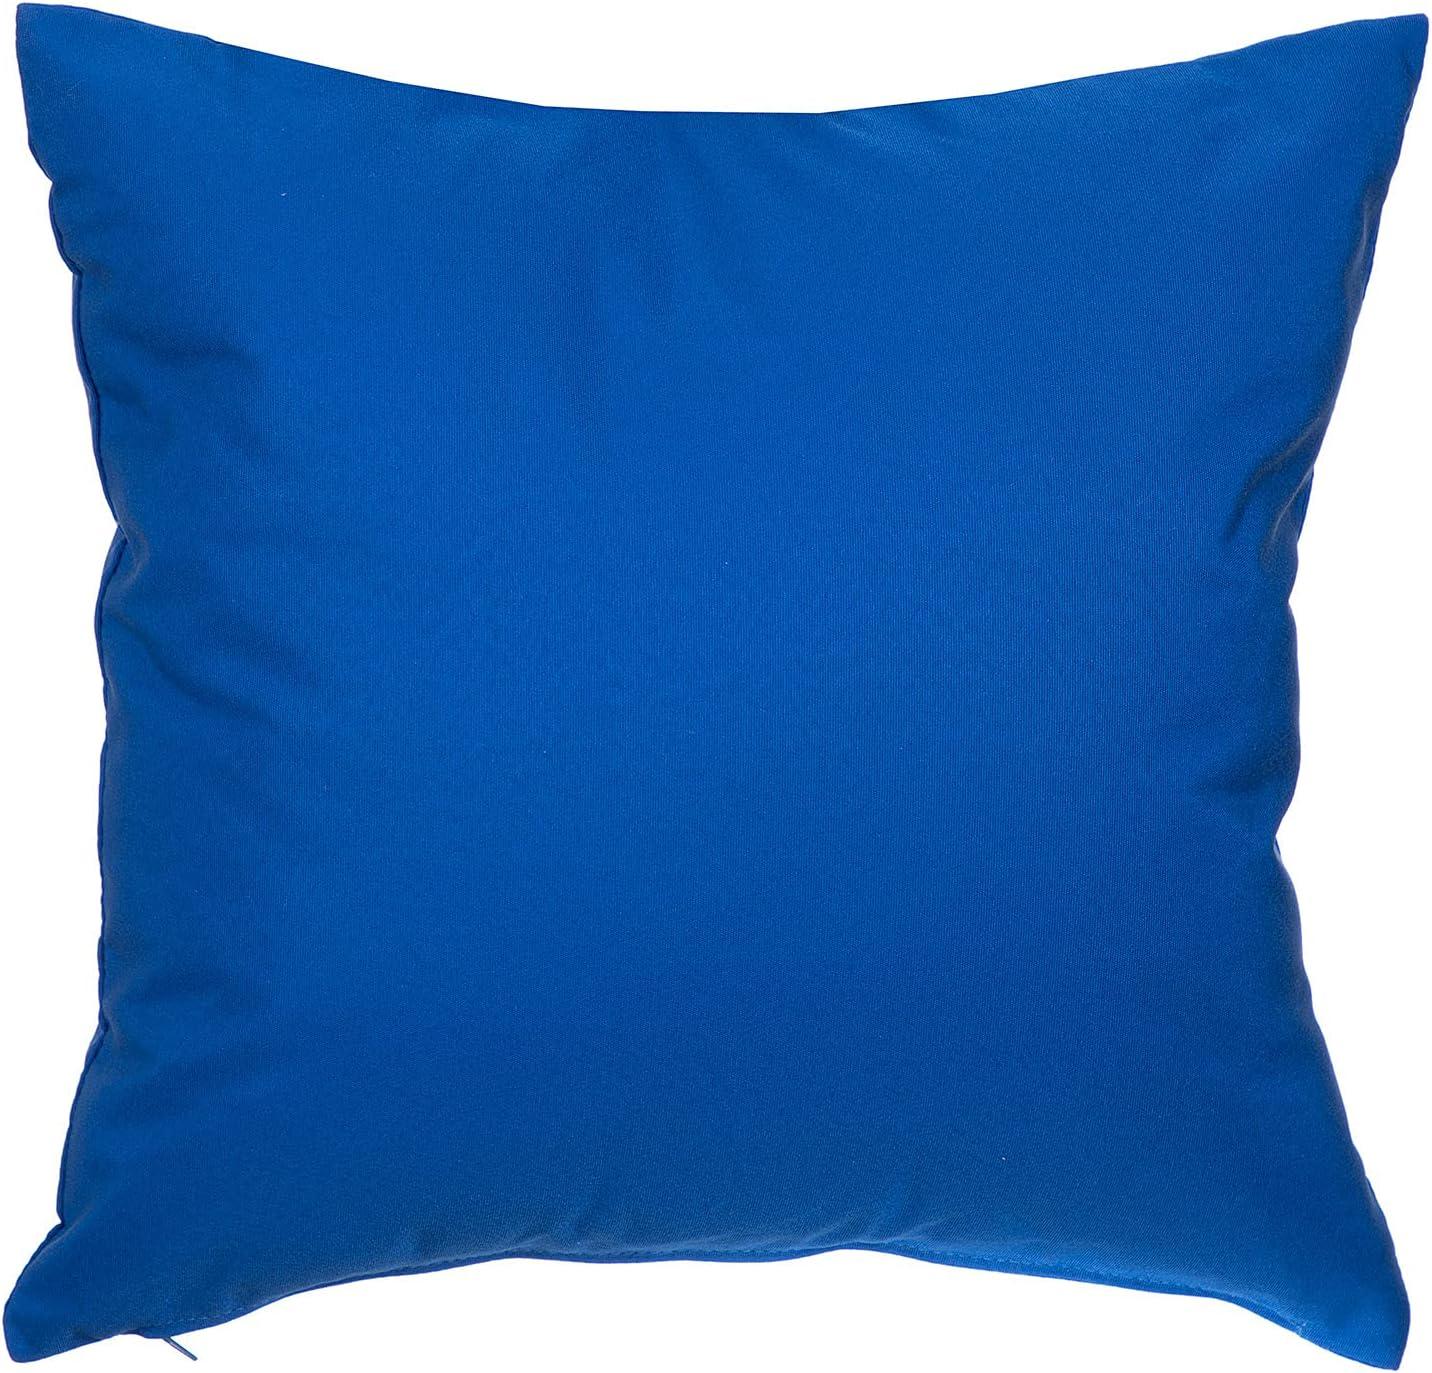 Gouchee Home Inc. Cushion Soleil Philadelphia Mall Blue Max 75% OFF